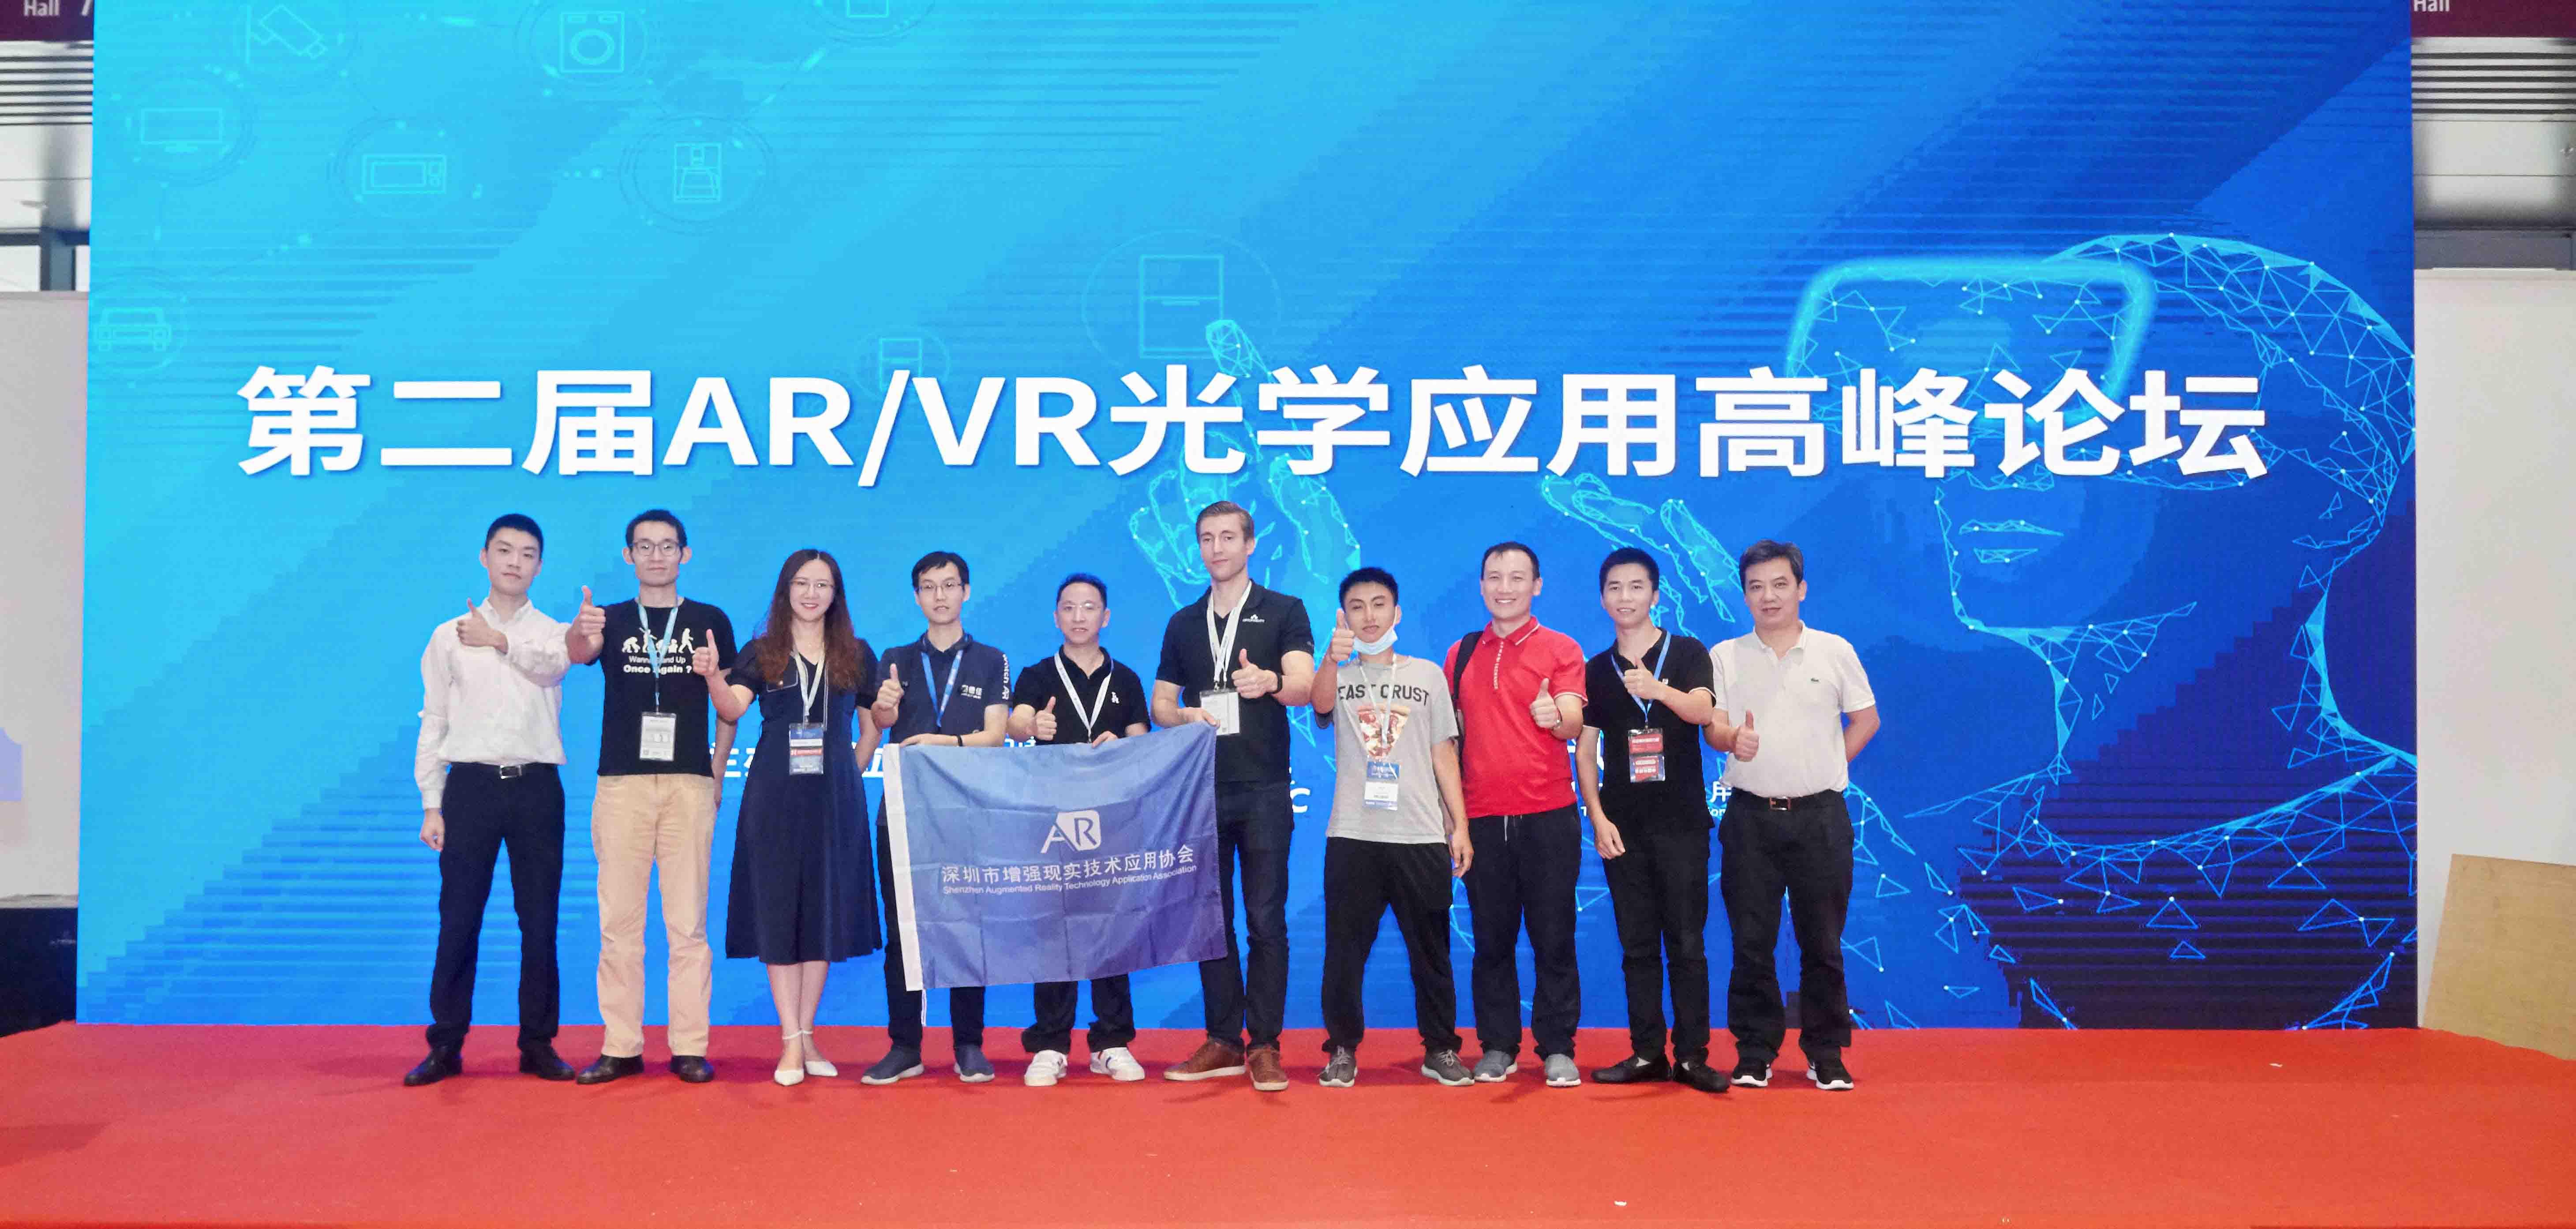 第二届 AR/VR光学应用高峰论坛在深成功举办